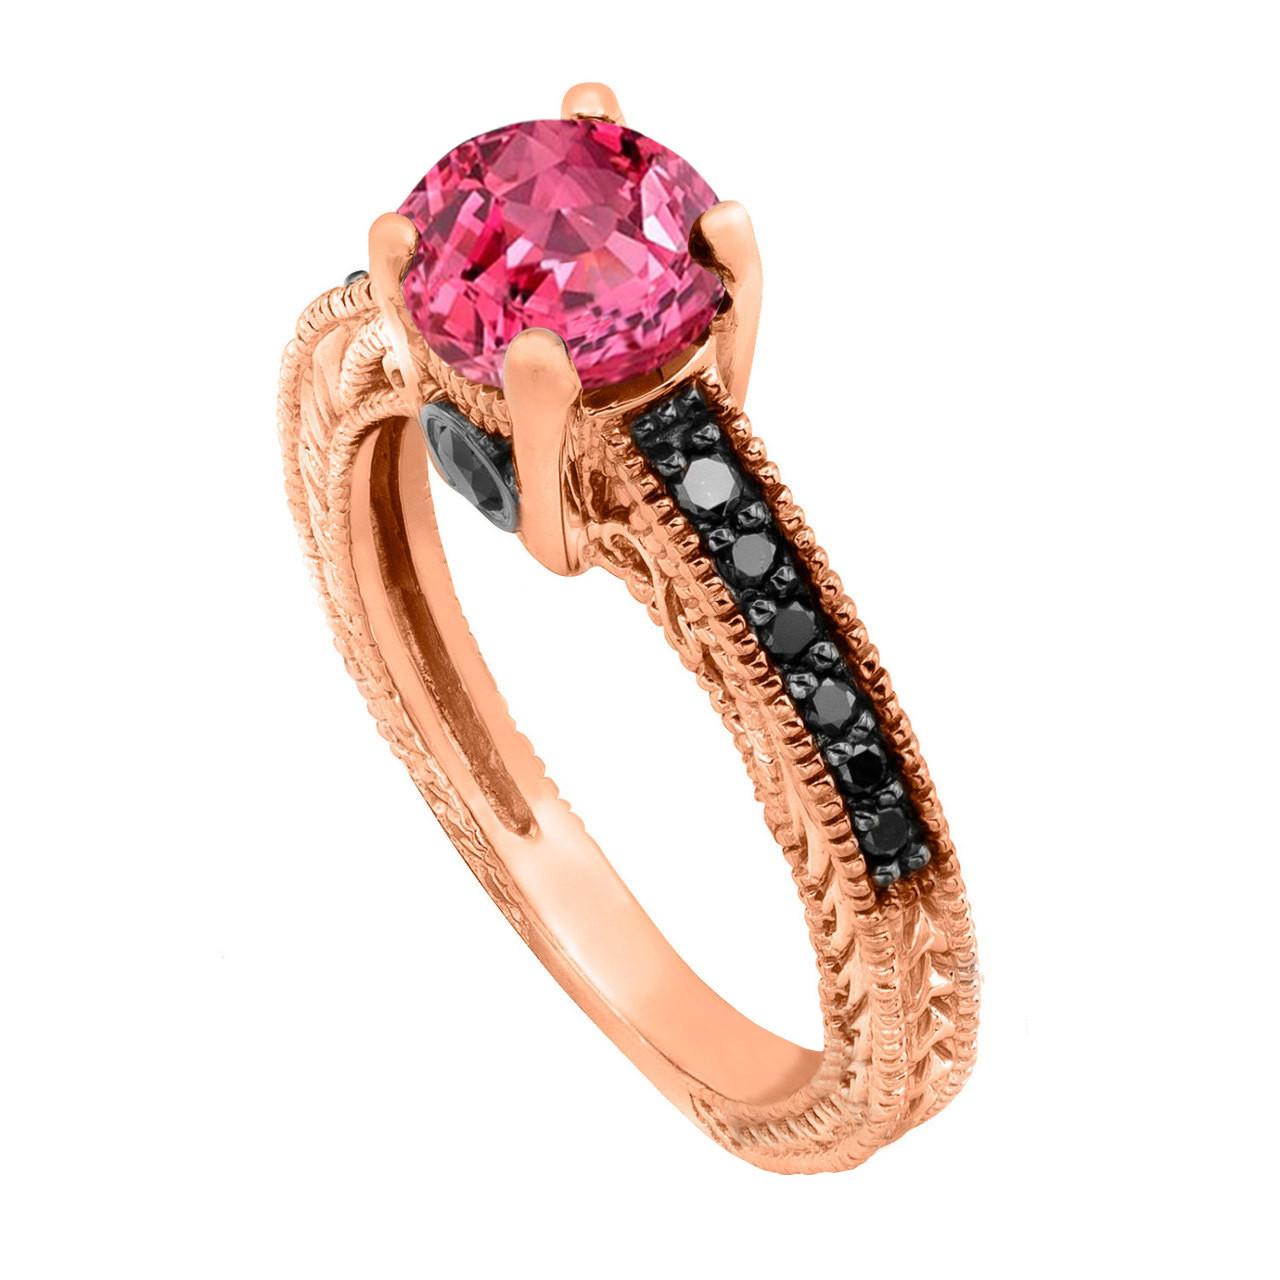 0188f1282b0456 0.74 Carat Pink Sapphire Engagement Ring, Wedding Ring 14K Rose ...